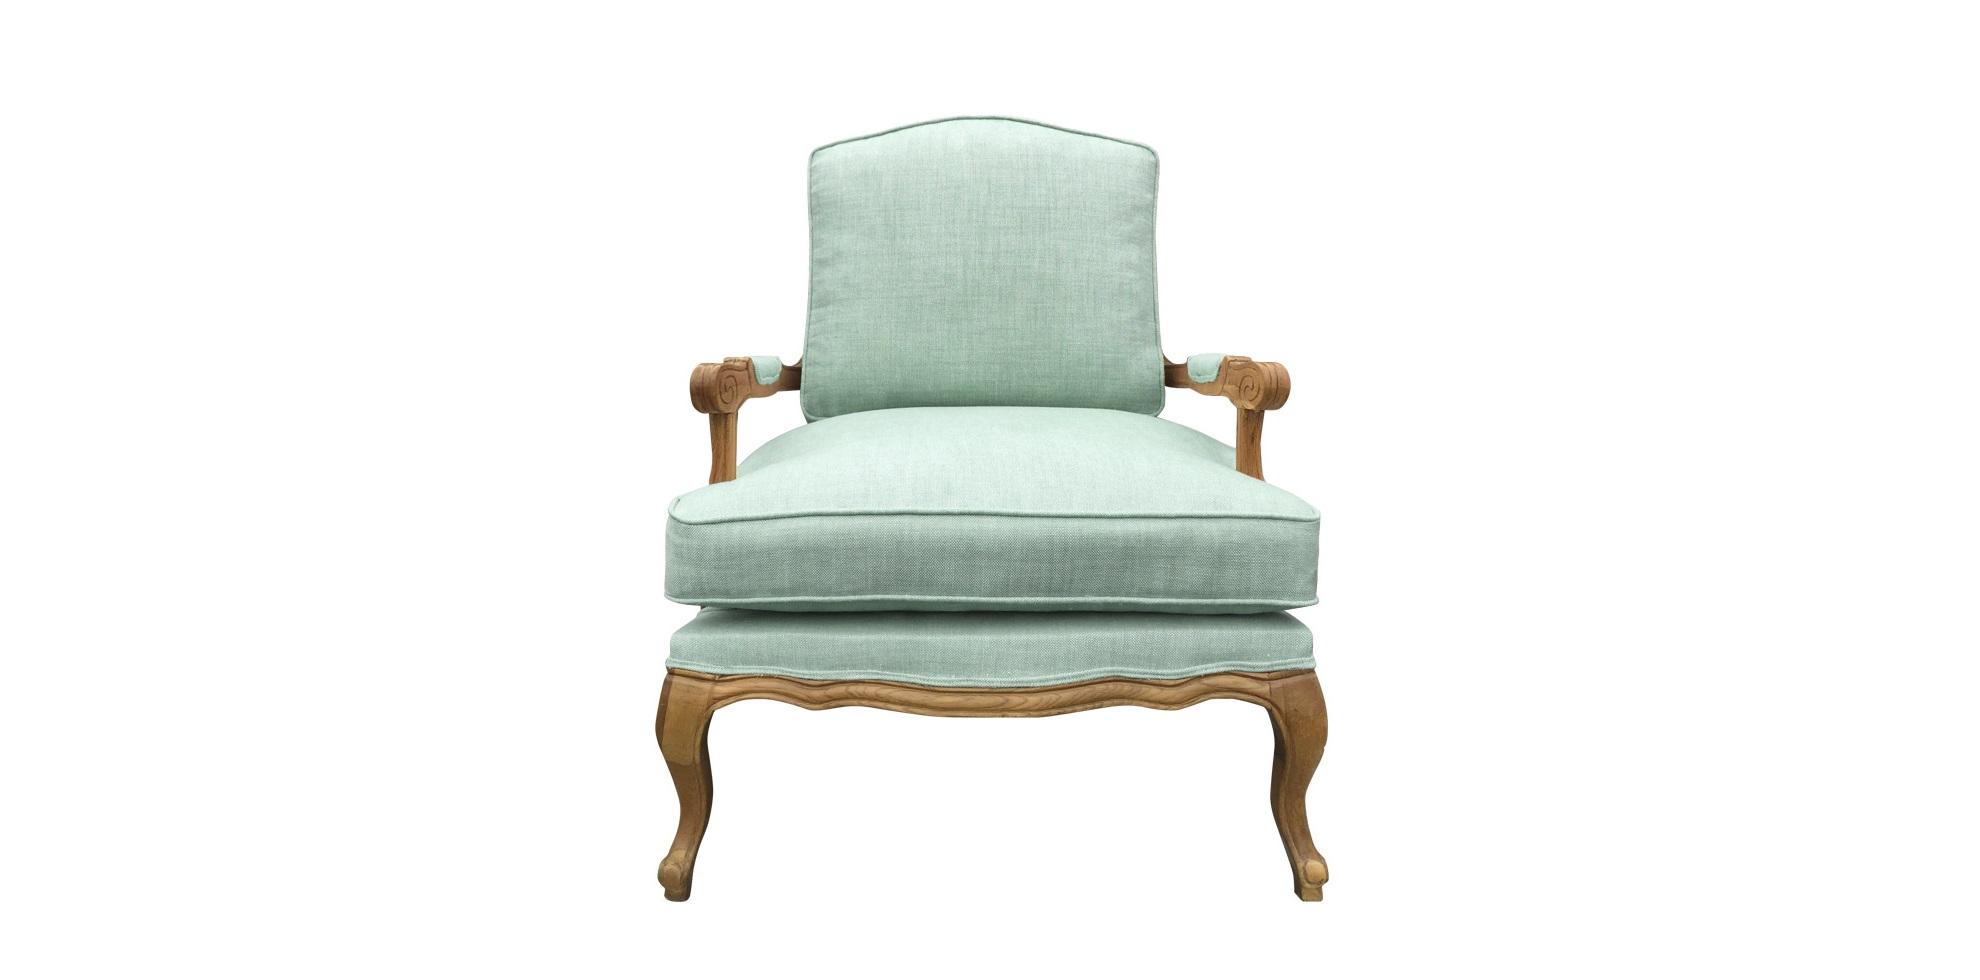 Кресло Thomas Rattan ArmchairИнтерьерные кресла<br>Изысканное кресло в обивке нежно-зеленого цвета освежит любое пространство. Очень утонченное по внешности, но в то же комфортное за счет объемной подушки.&amp;amp;nbsp;&amp;quot;Thomas Rattan Armchair&amp;quot; — отражение аристократичности и шика в обстановке. Это кресло из коллекции предметов, создающих в интерьере атмосферу шарма и романтики.&amp;lt;br&amp;gt;&amp;lt;div&amp;gt;&amp;lt;br&amp;gt;&amp;lt;/div&amp;gt;Thomas Rattan Armchair (76х83х97h см)<br><br>Material: Текстиль<br>Width см: 76<br>Depth см: 83<br>Height см: 97